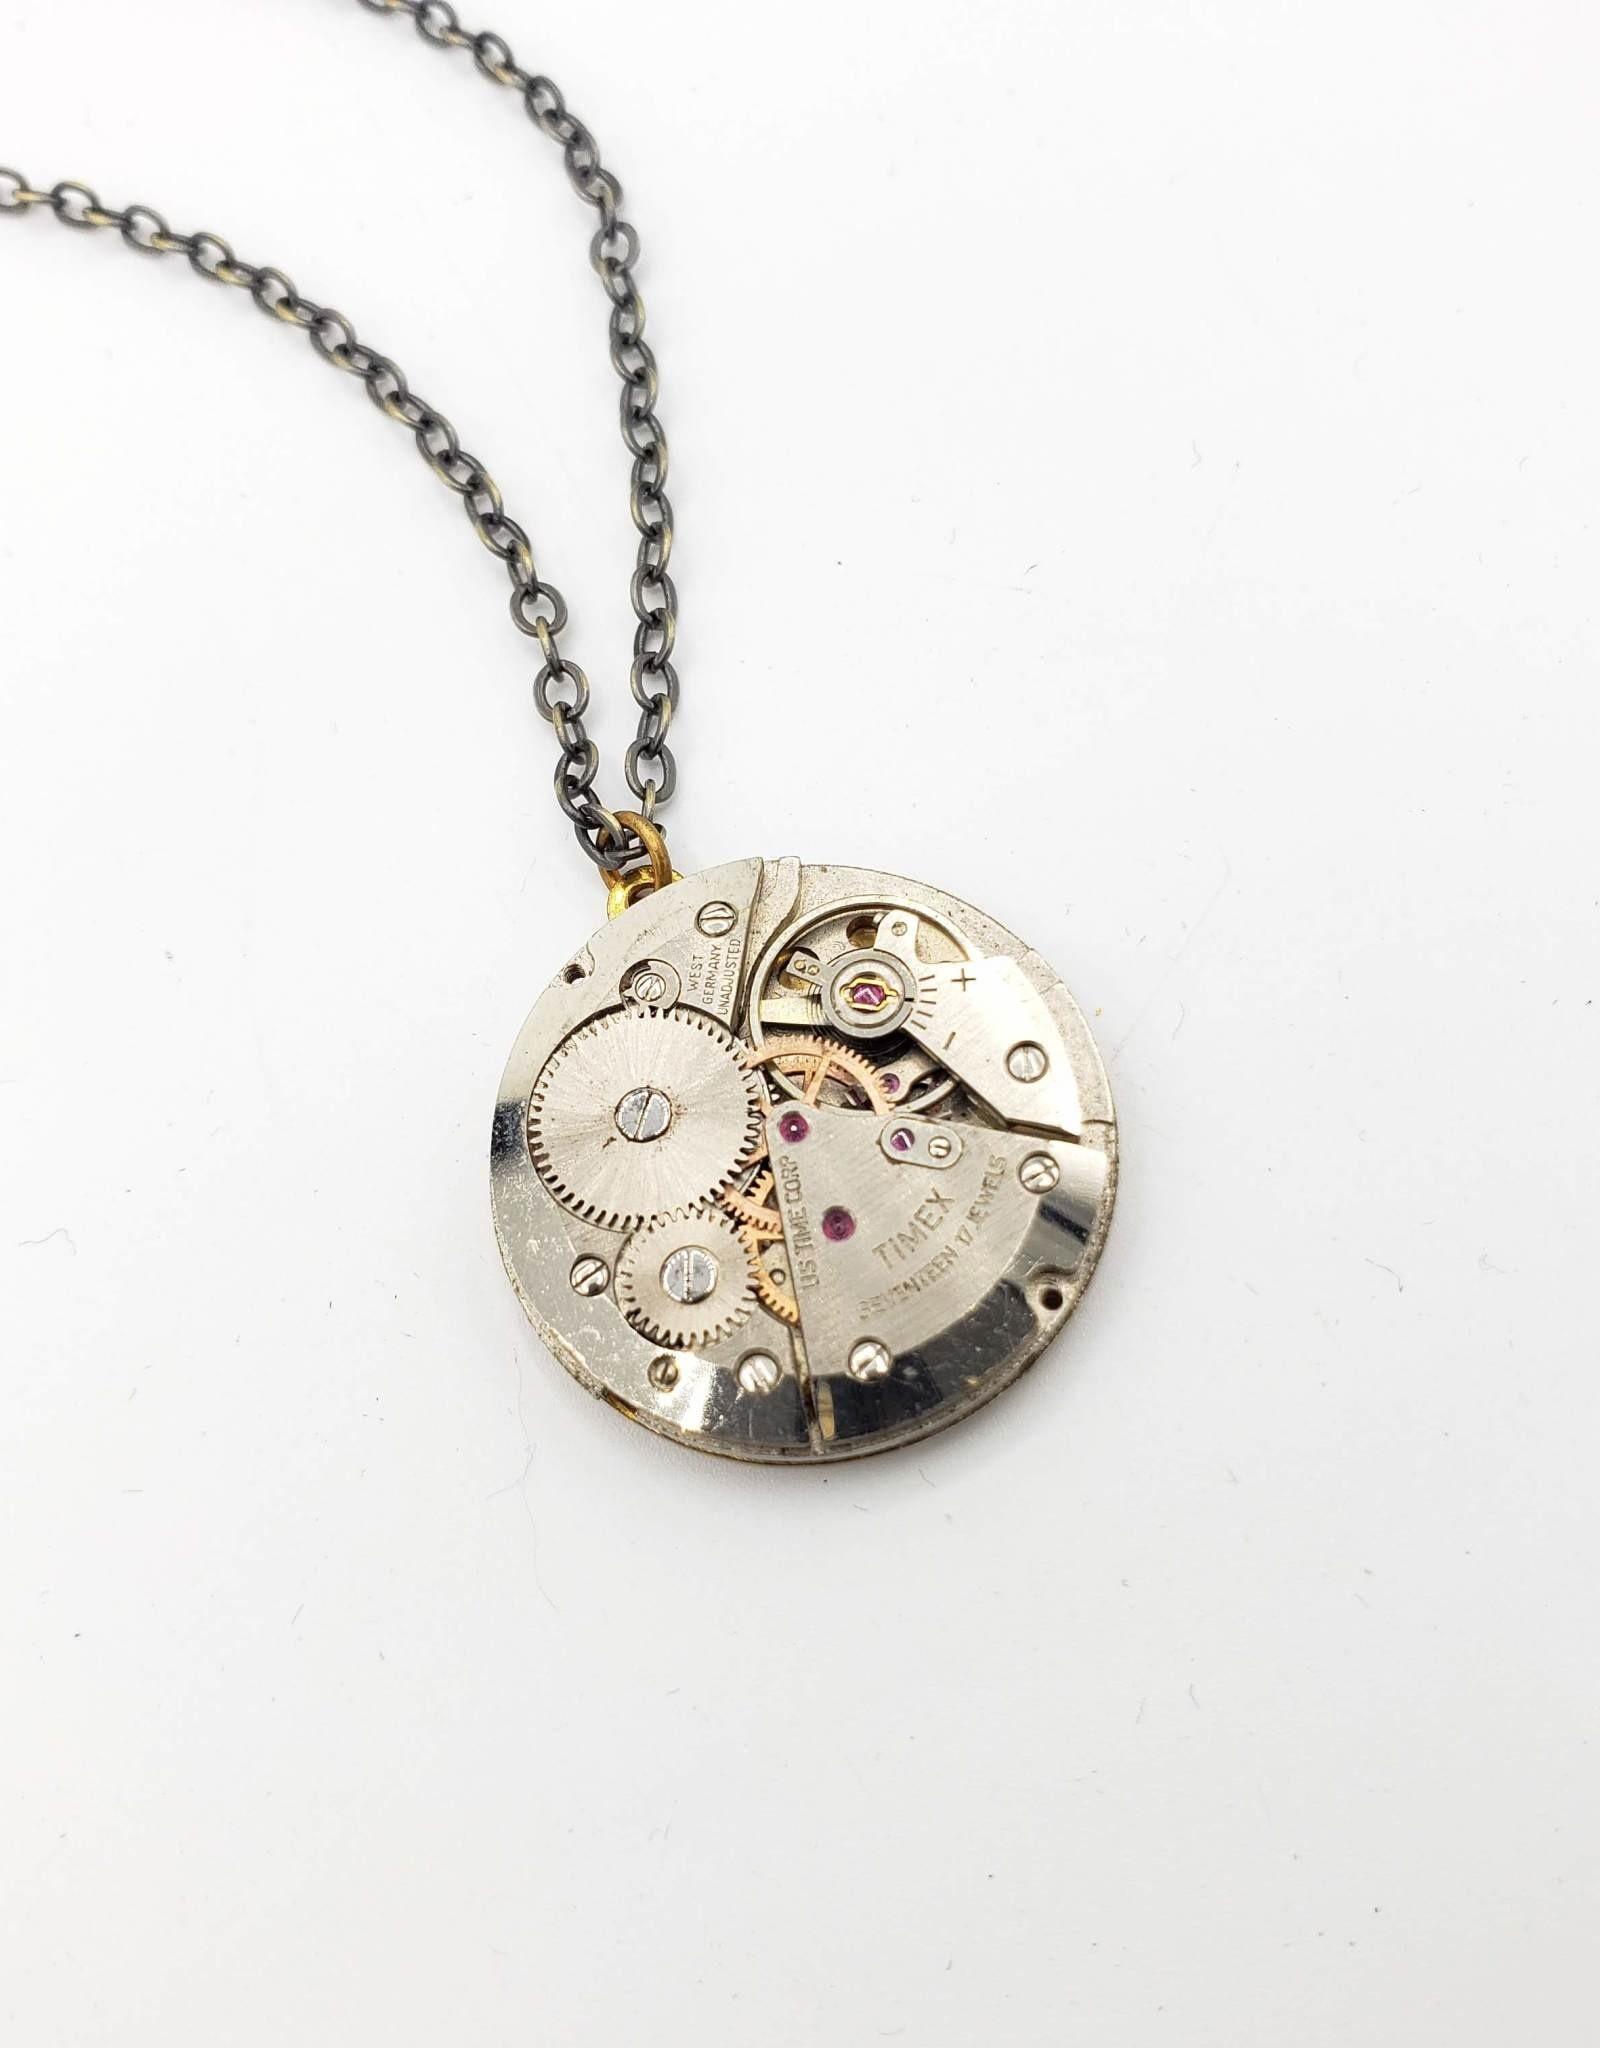 Redux Antique Watch Movement Pendant